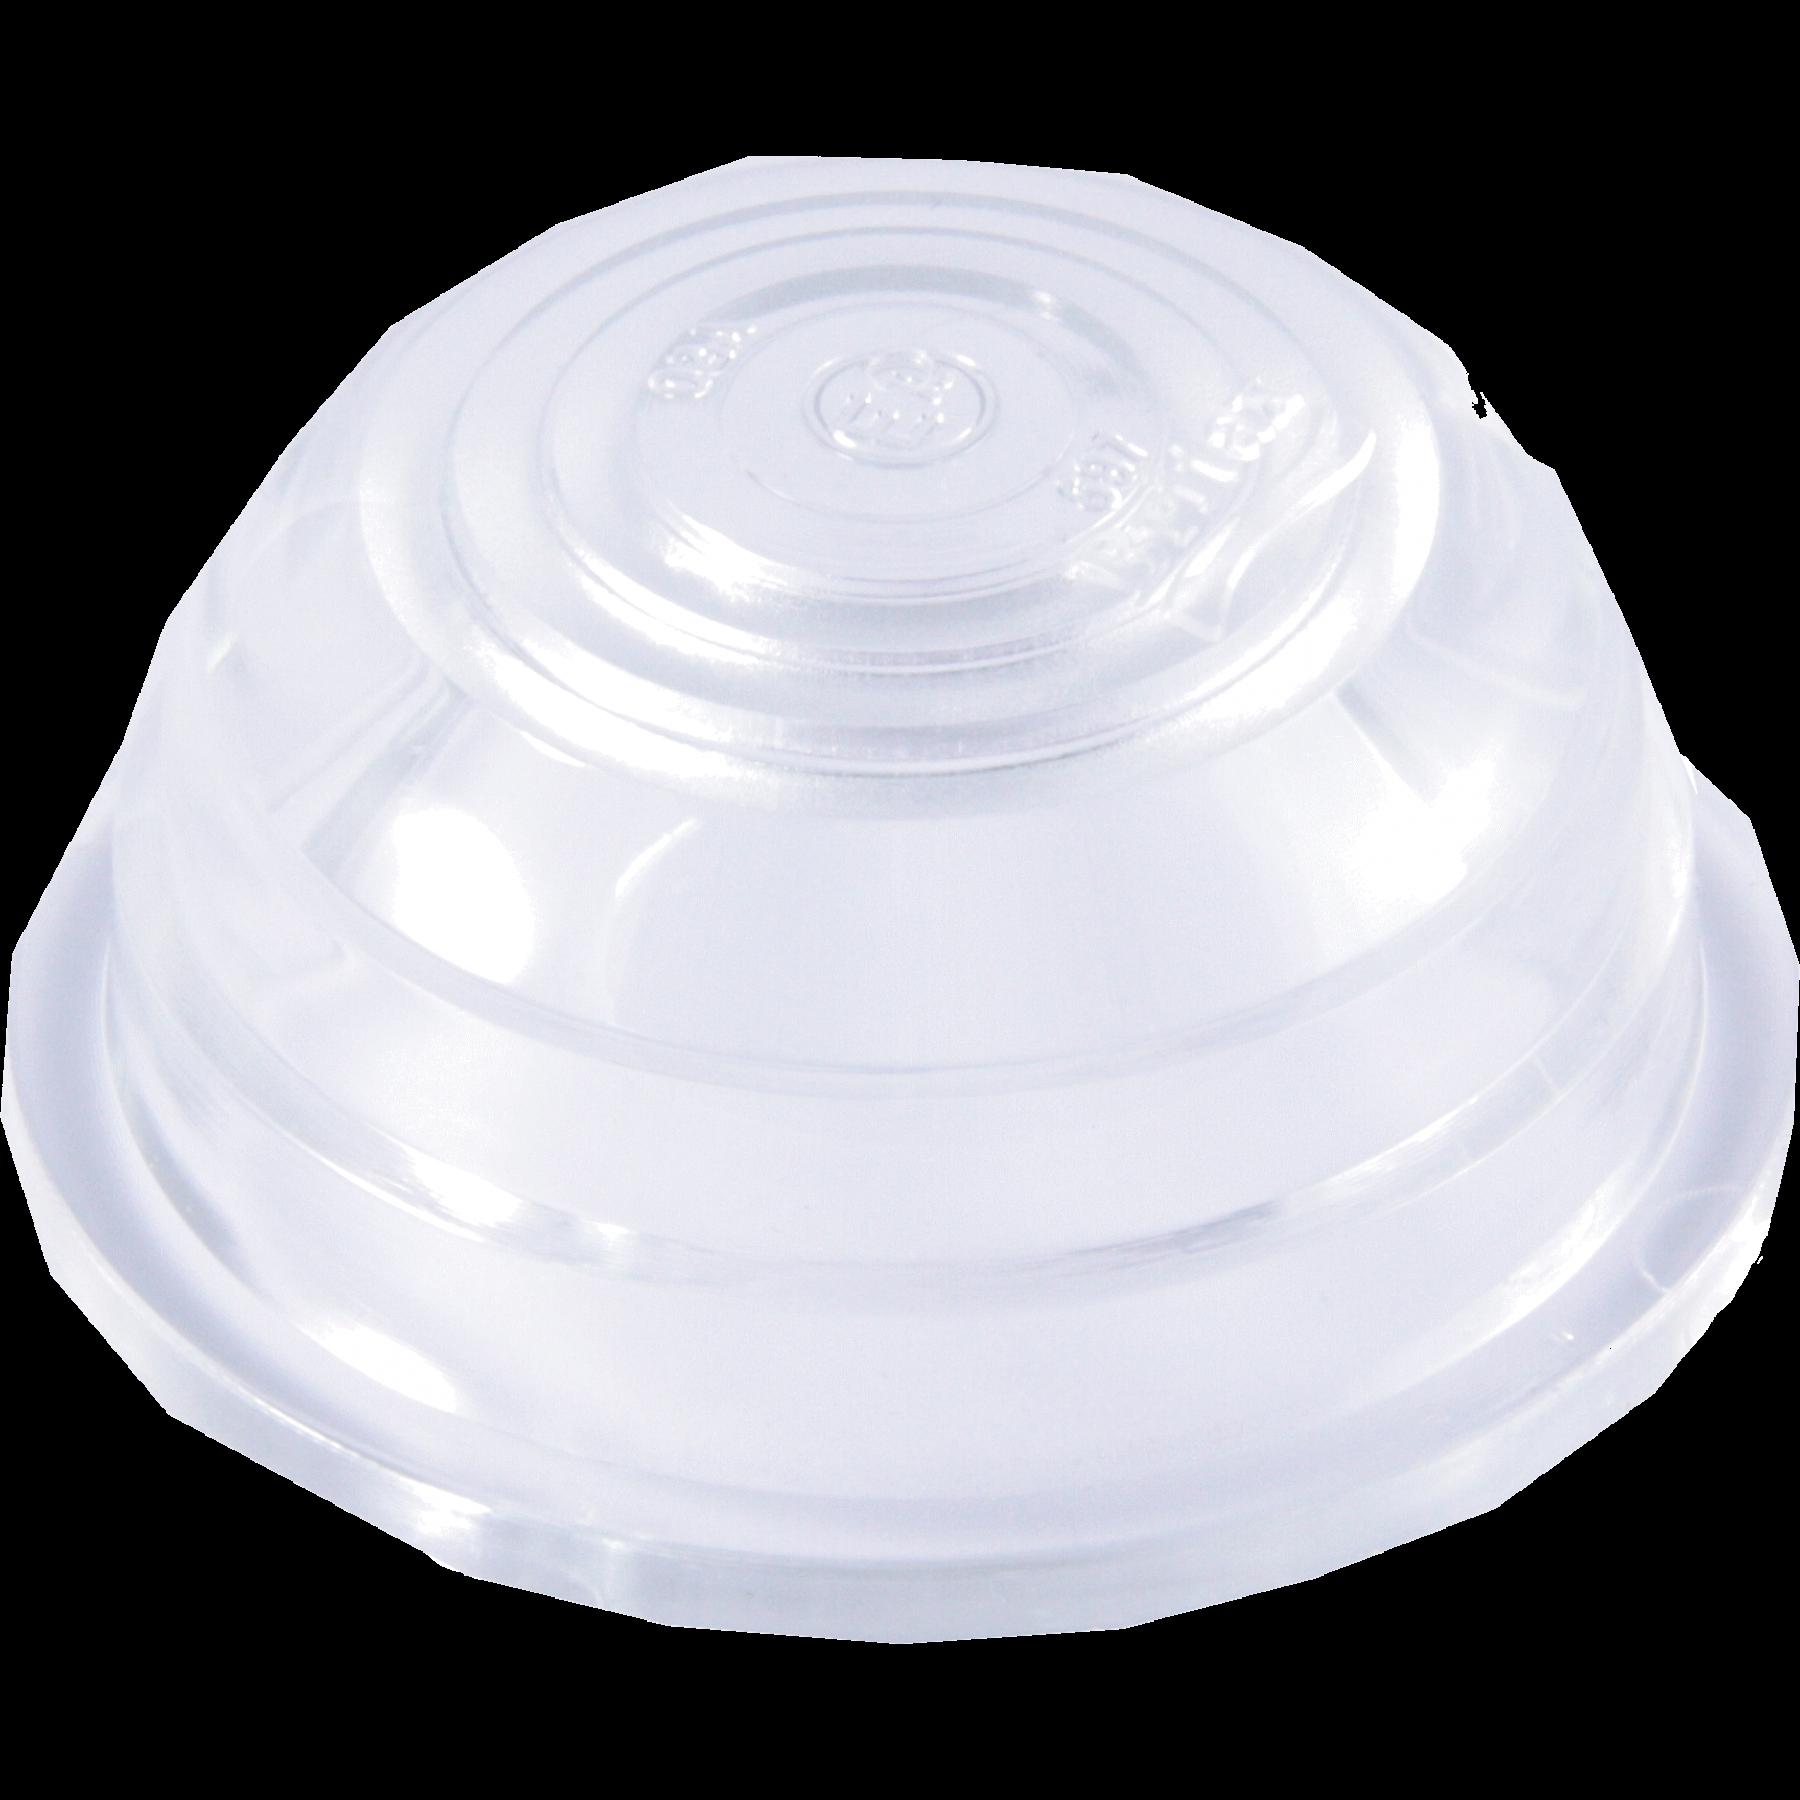 Reserveglas wit voor Britax rubberlamp